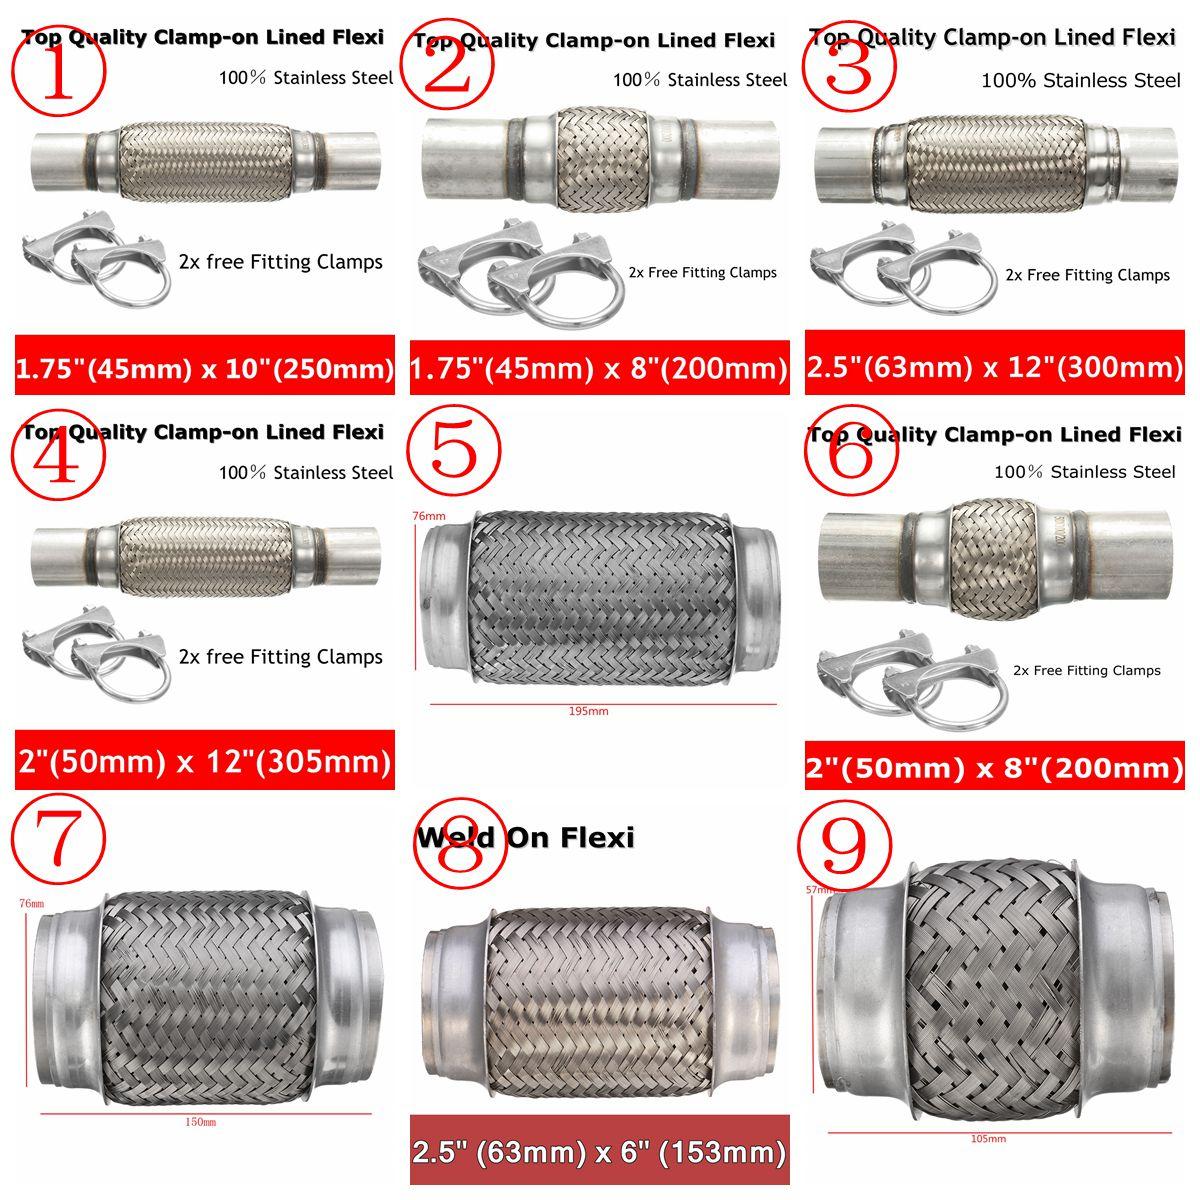 In acciaio Tubo di Scarico Flex Giunto Flexi Riparazione Flexi tubo 300x63 50 millimetri 250x45mm 200x76 50 46 millimetri 150x76 63 millimetri 100 57 millimetri